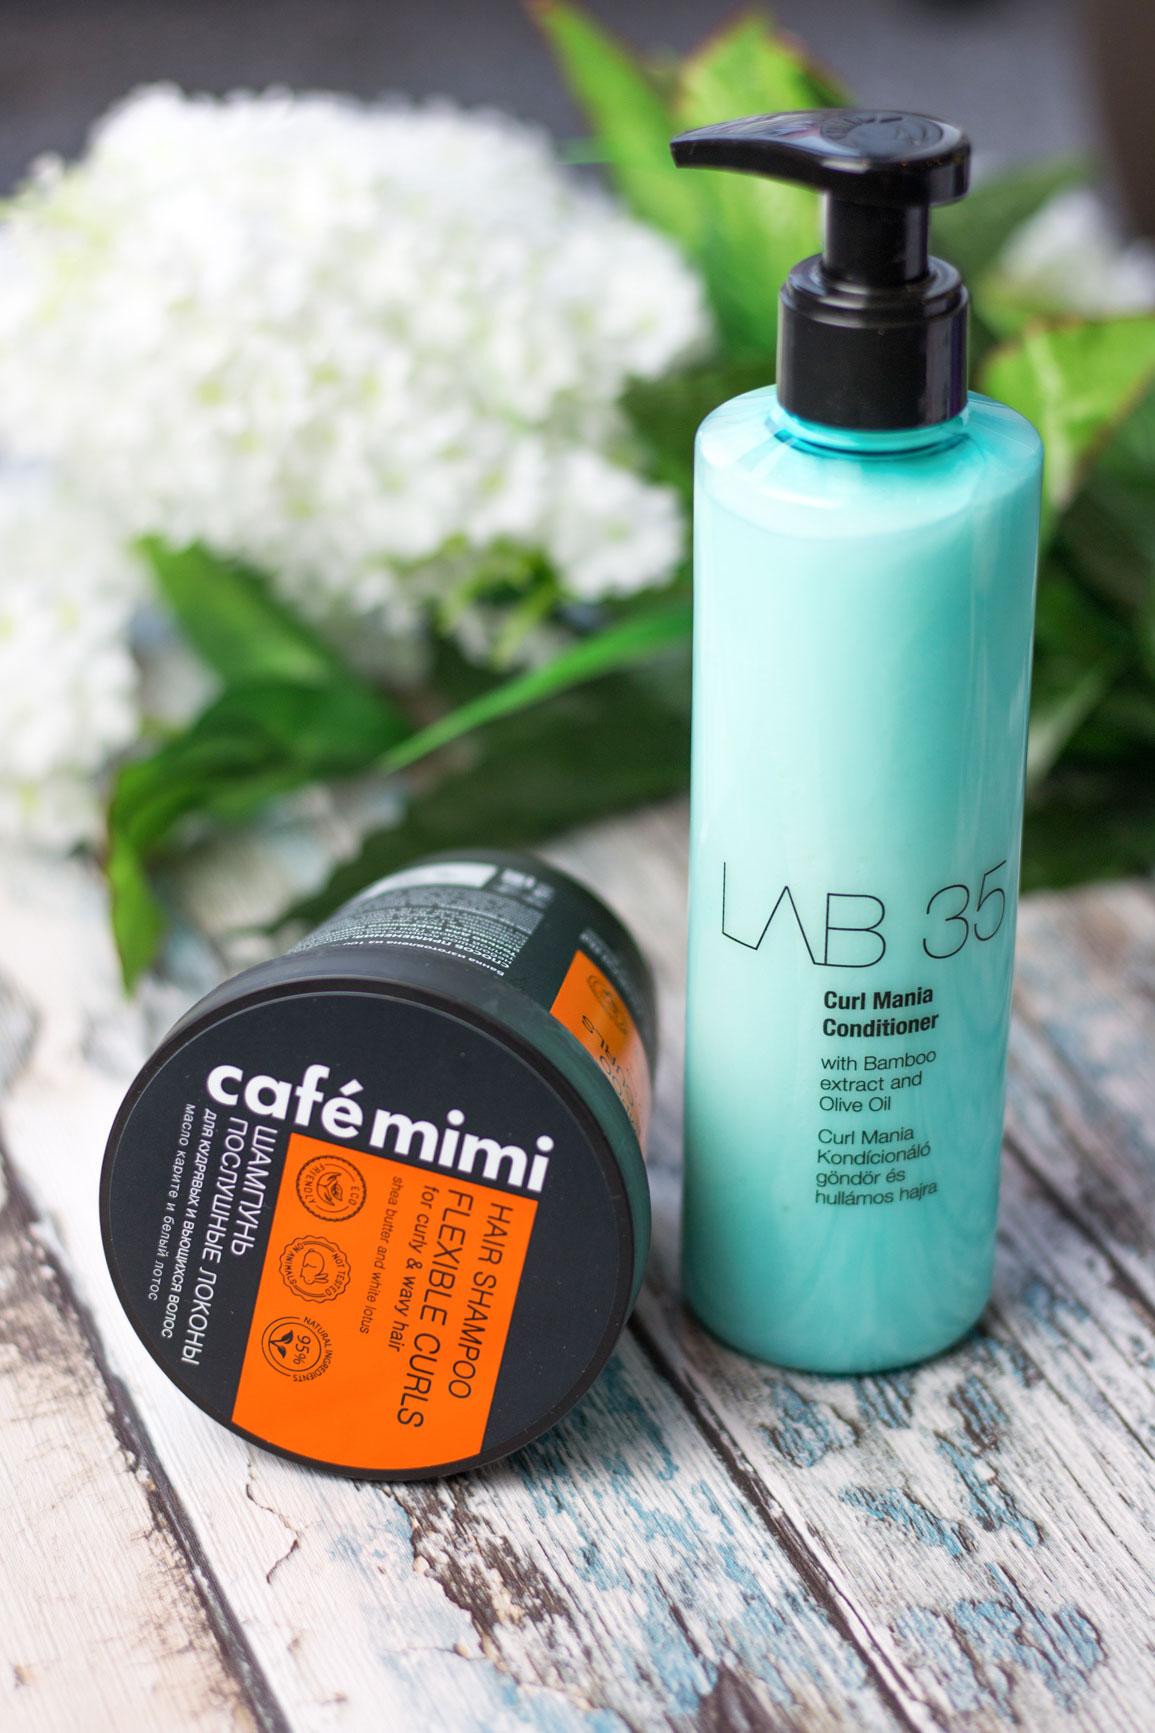 Odżywka do włosów kręconych Lab 35 i szampon Cafe Mimi